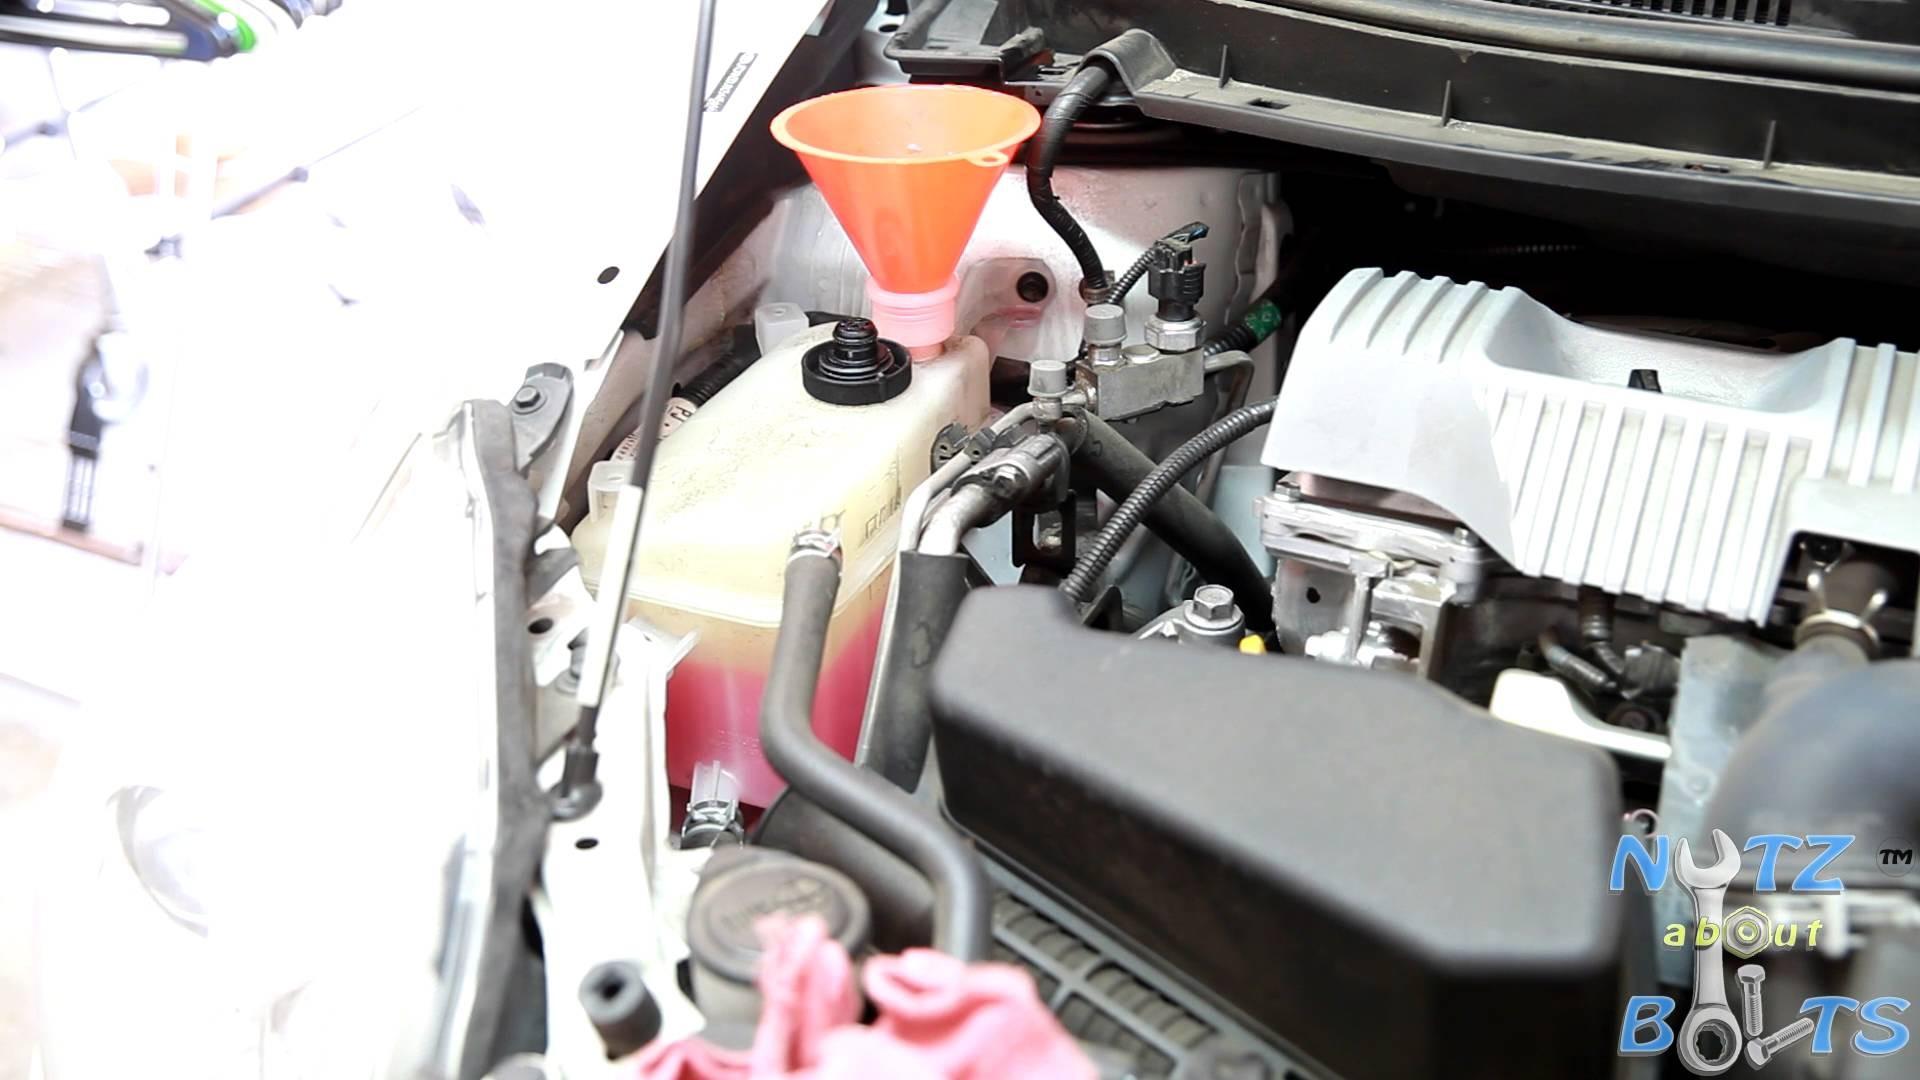 Prius Engine Diagram 2010 2015 toyota Prius Engine Coolant Drain and Refill  Of Prius Engine Diagram